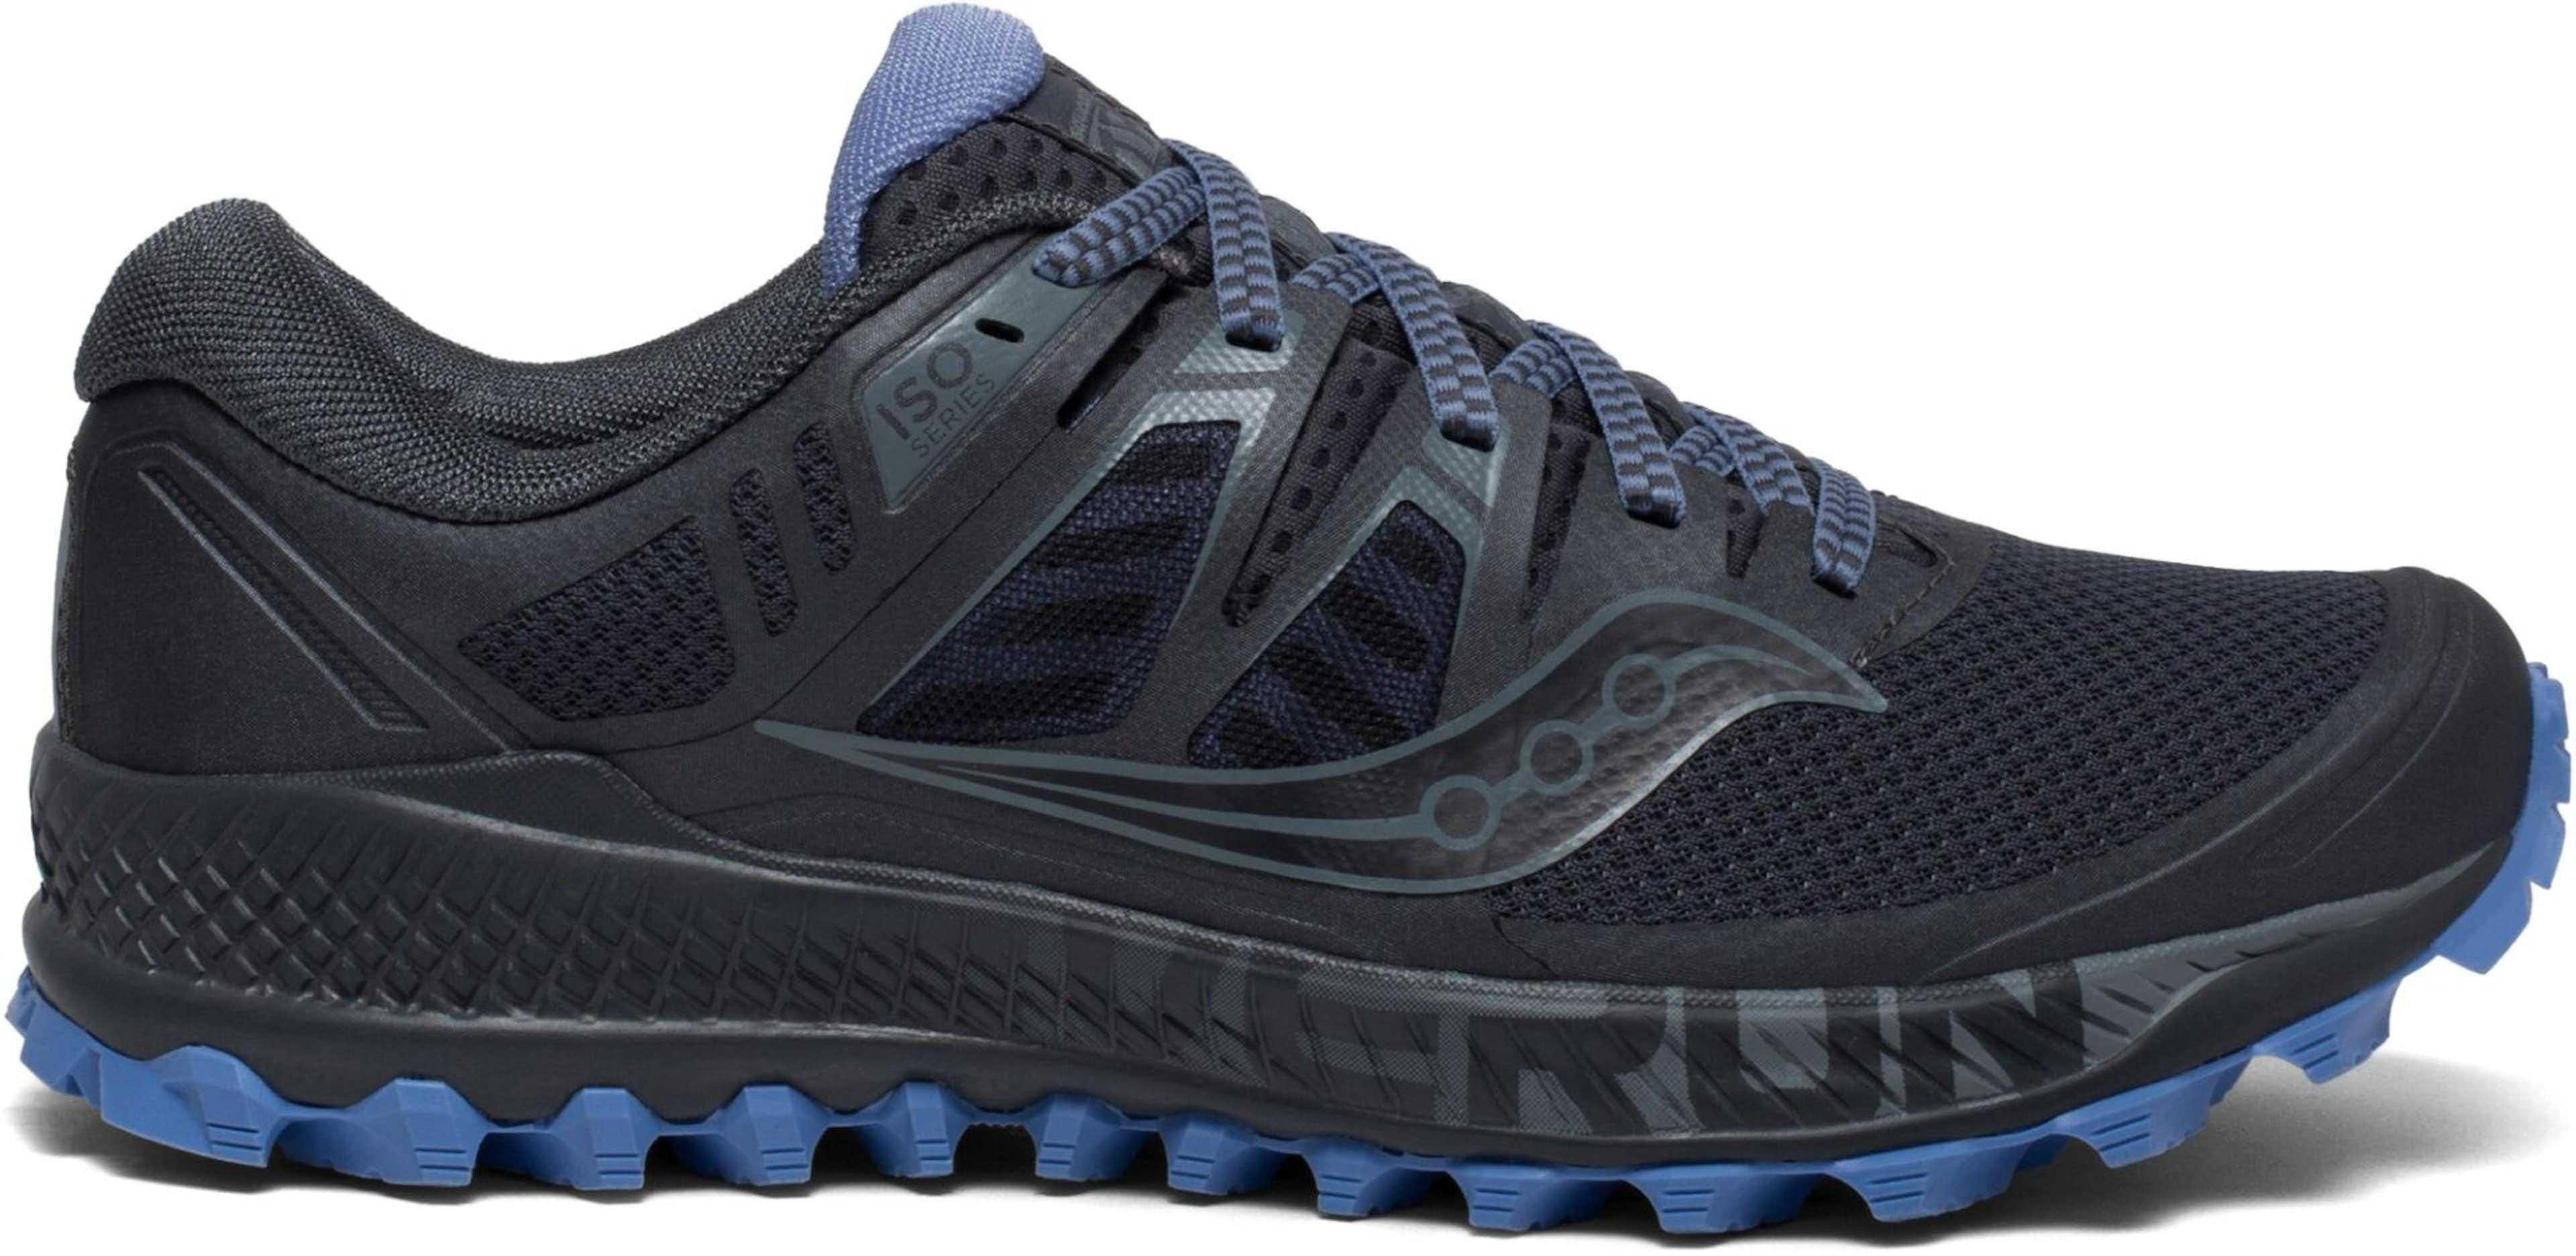 be2ba5d2 Saucony Shoes | Trail Running Shoes for Men & Women | AU